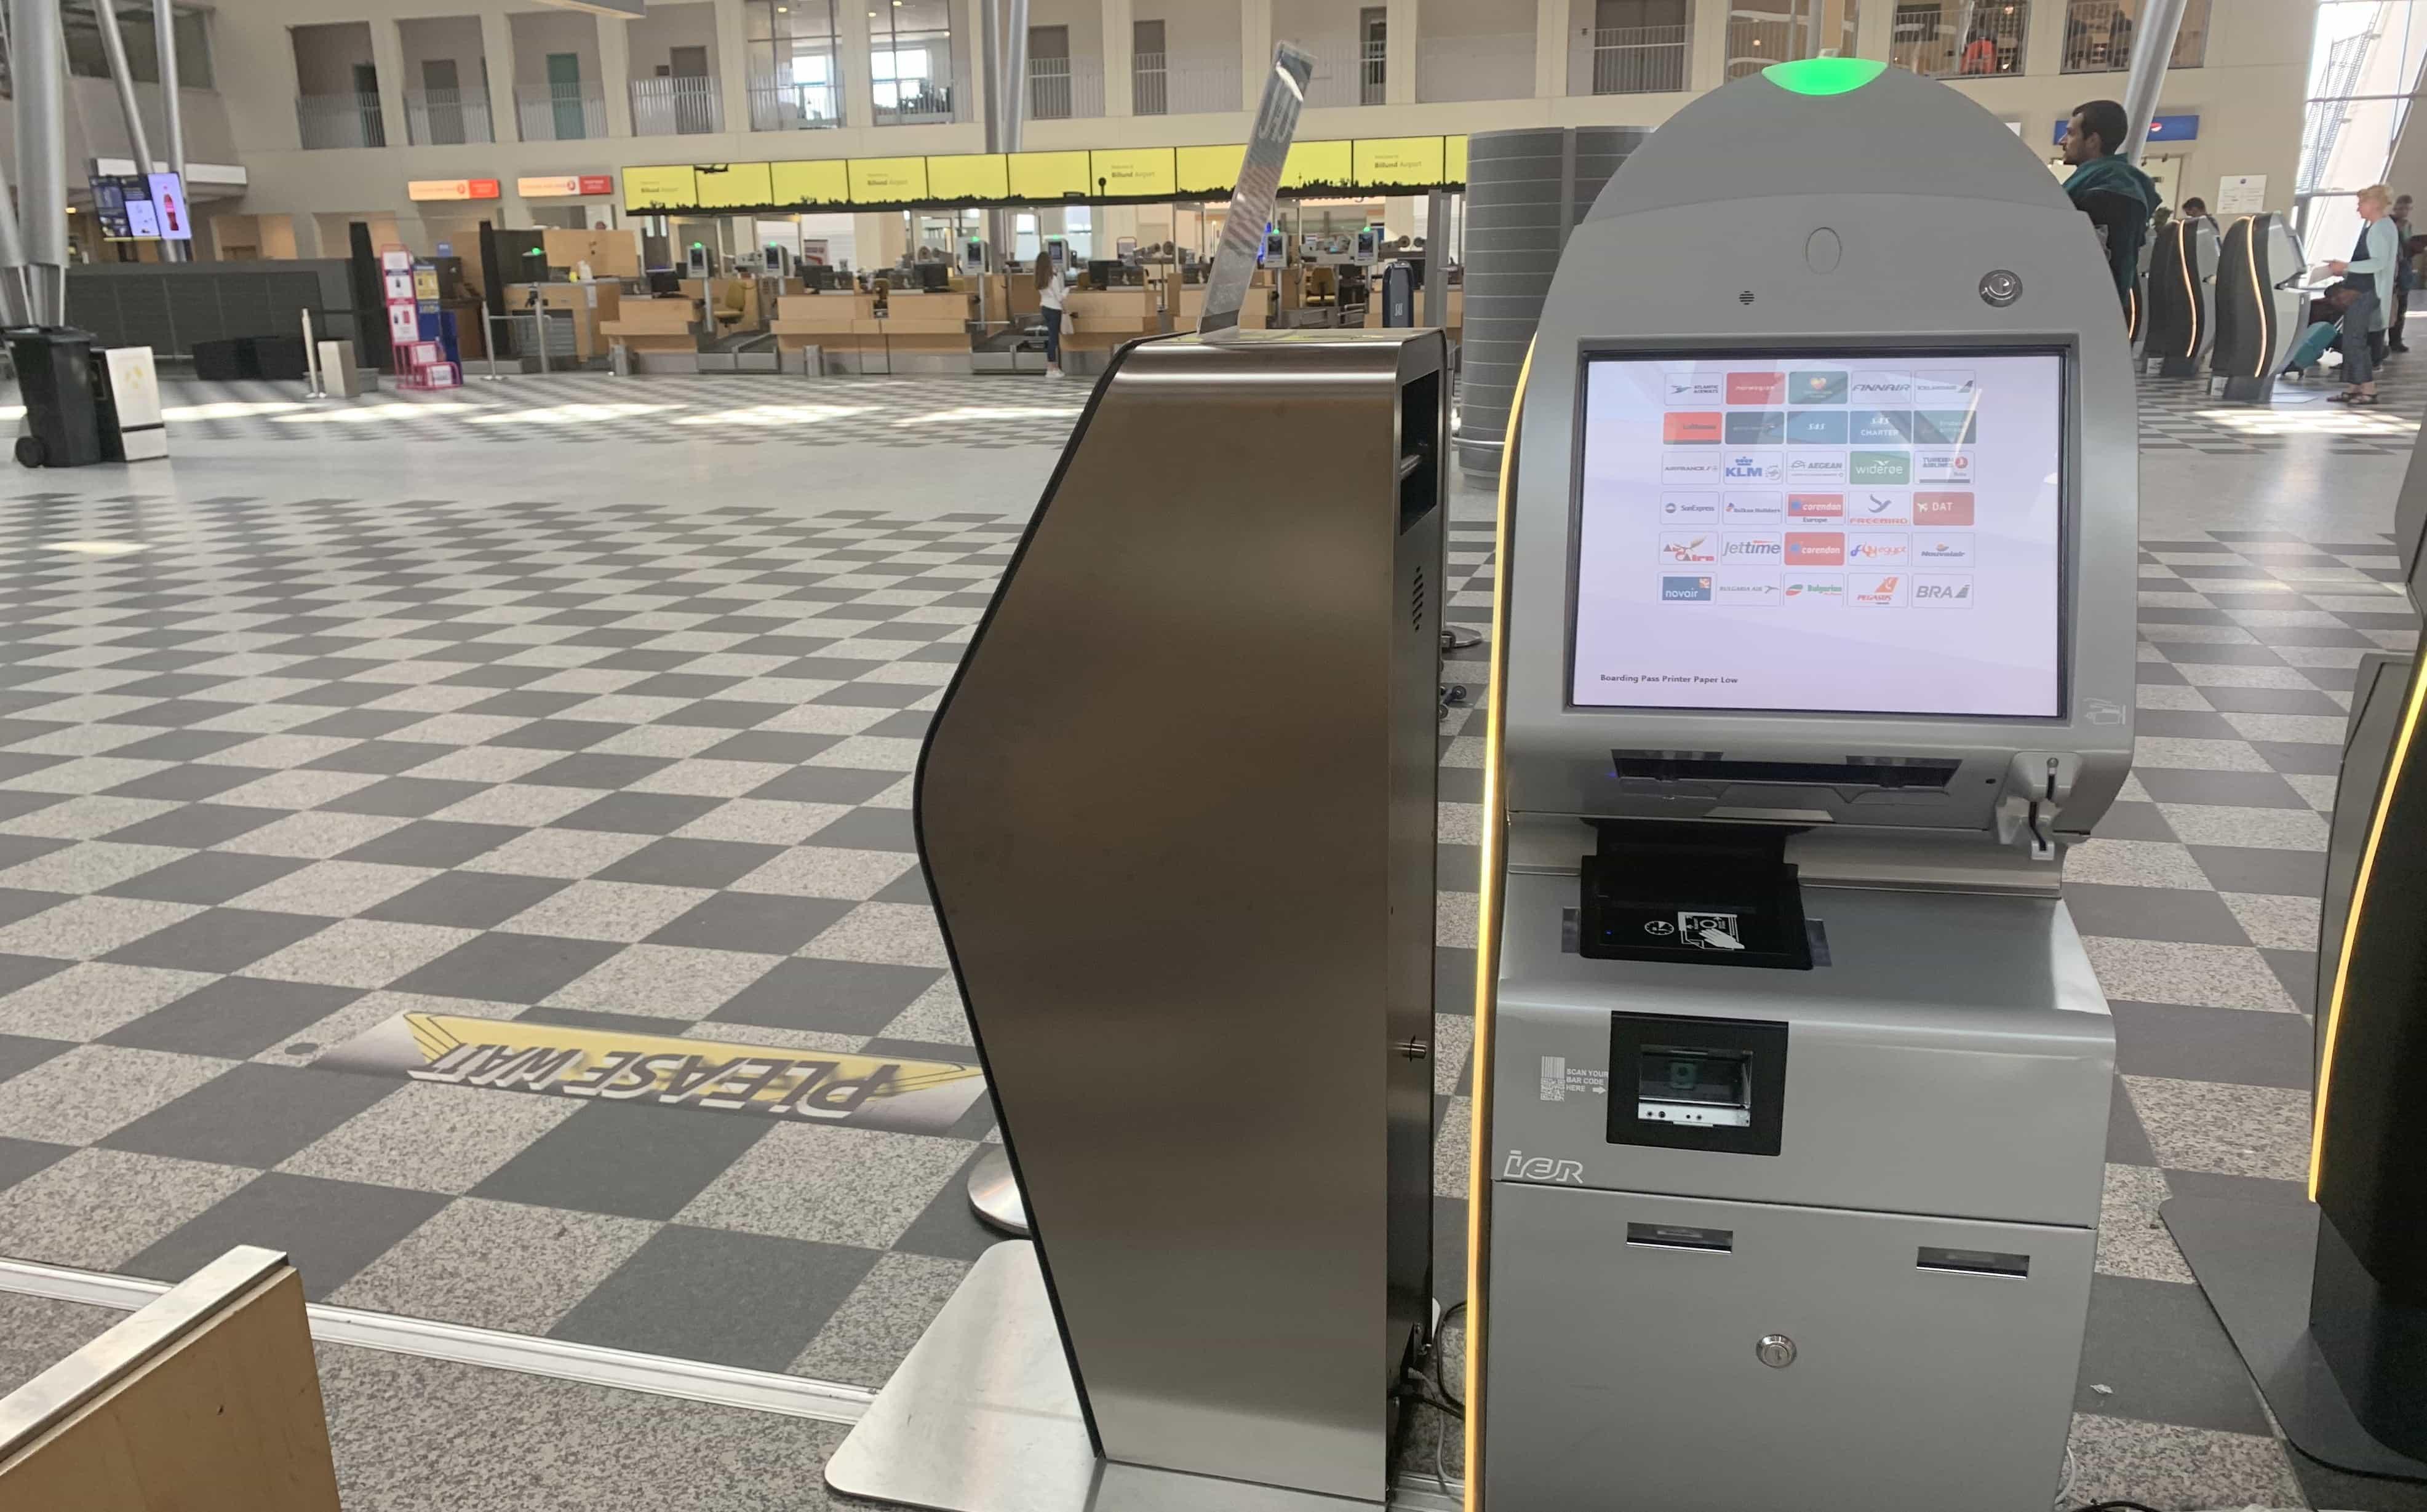 Der Check-in funktioniert am Flughafen Billund nur noch über Automaten. Bei Fragen hilft das Personal aber gerne weiter.